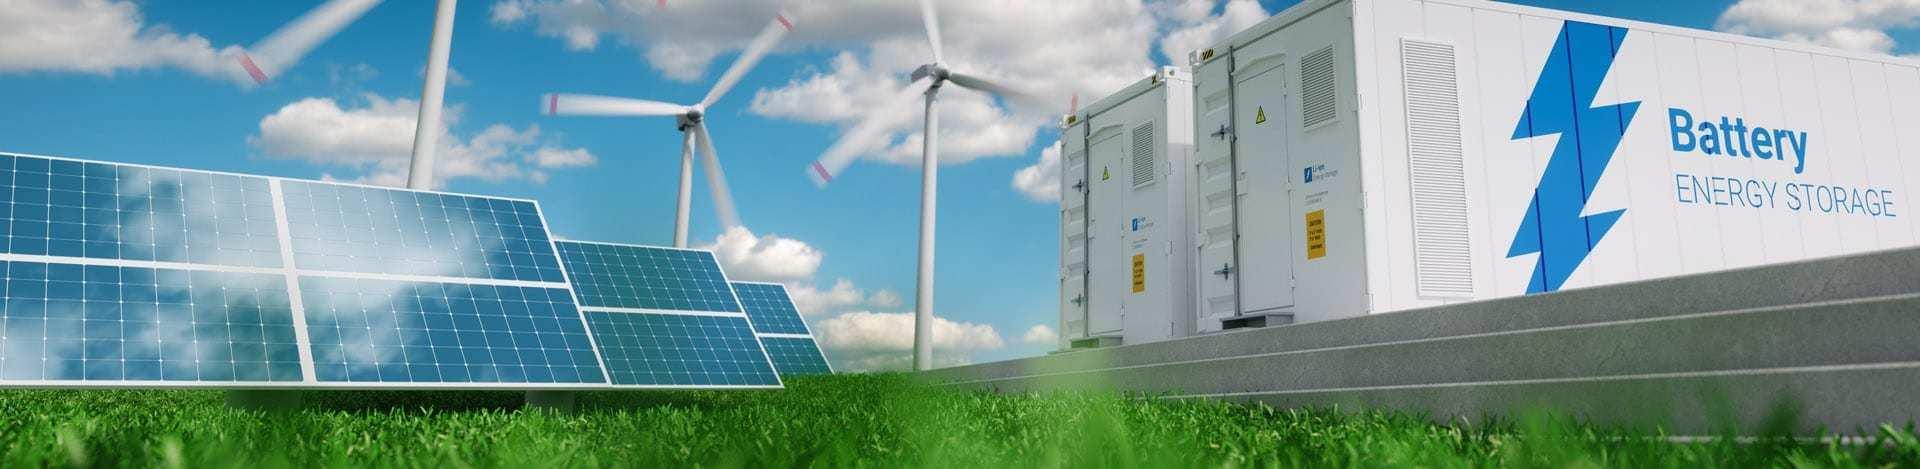 El potencial de la flexibilidad energética y el almacenamiento de la energía